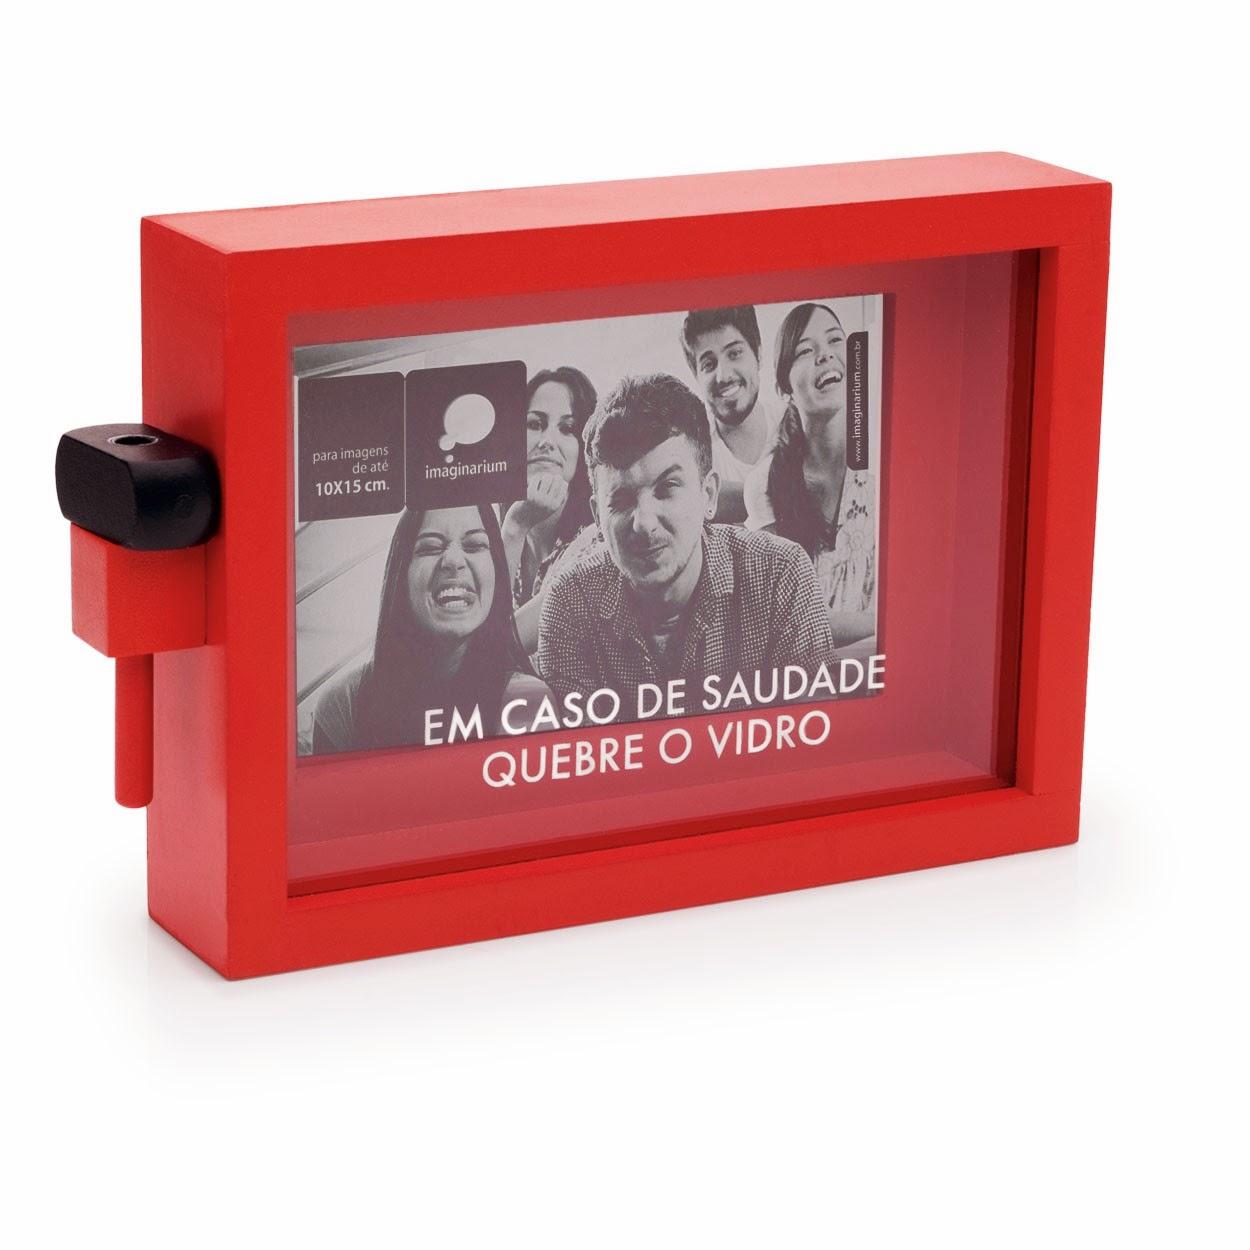 http://loja.imaginarium.com.br/catalog/product/view/id/2718/s/porta-retrato-em-caso-de-saudade/category/2462/